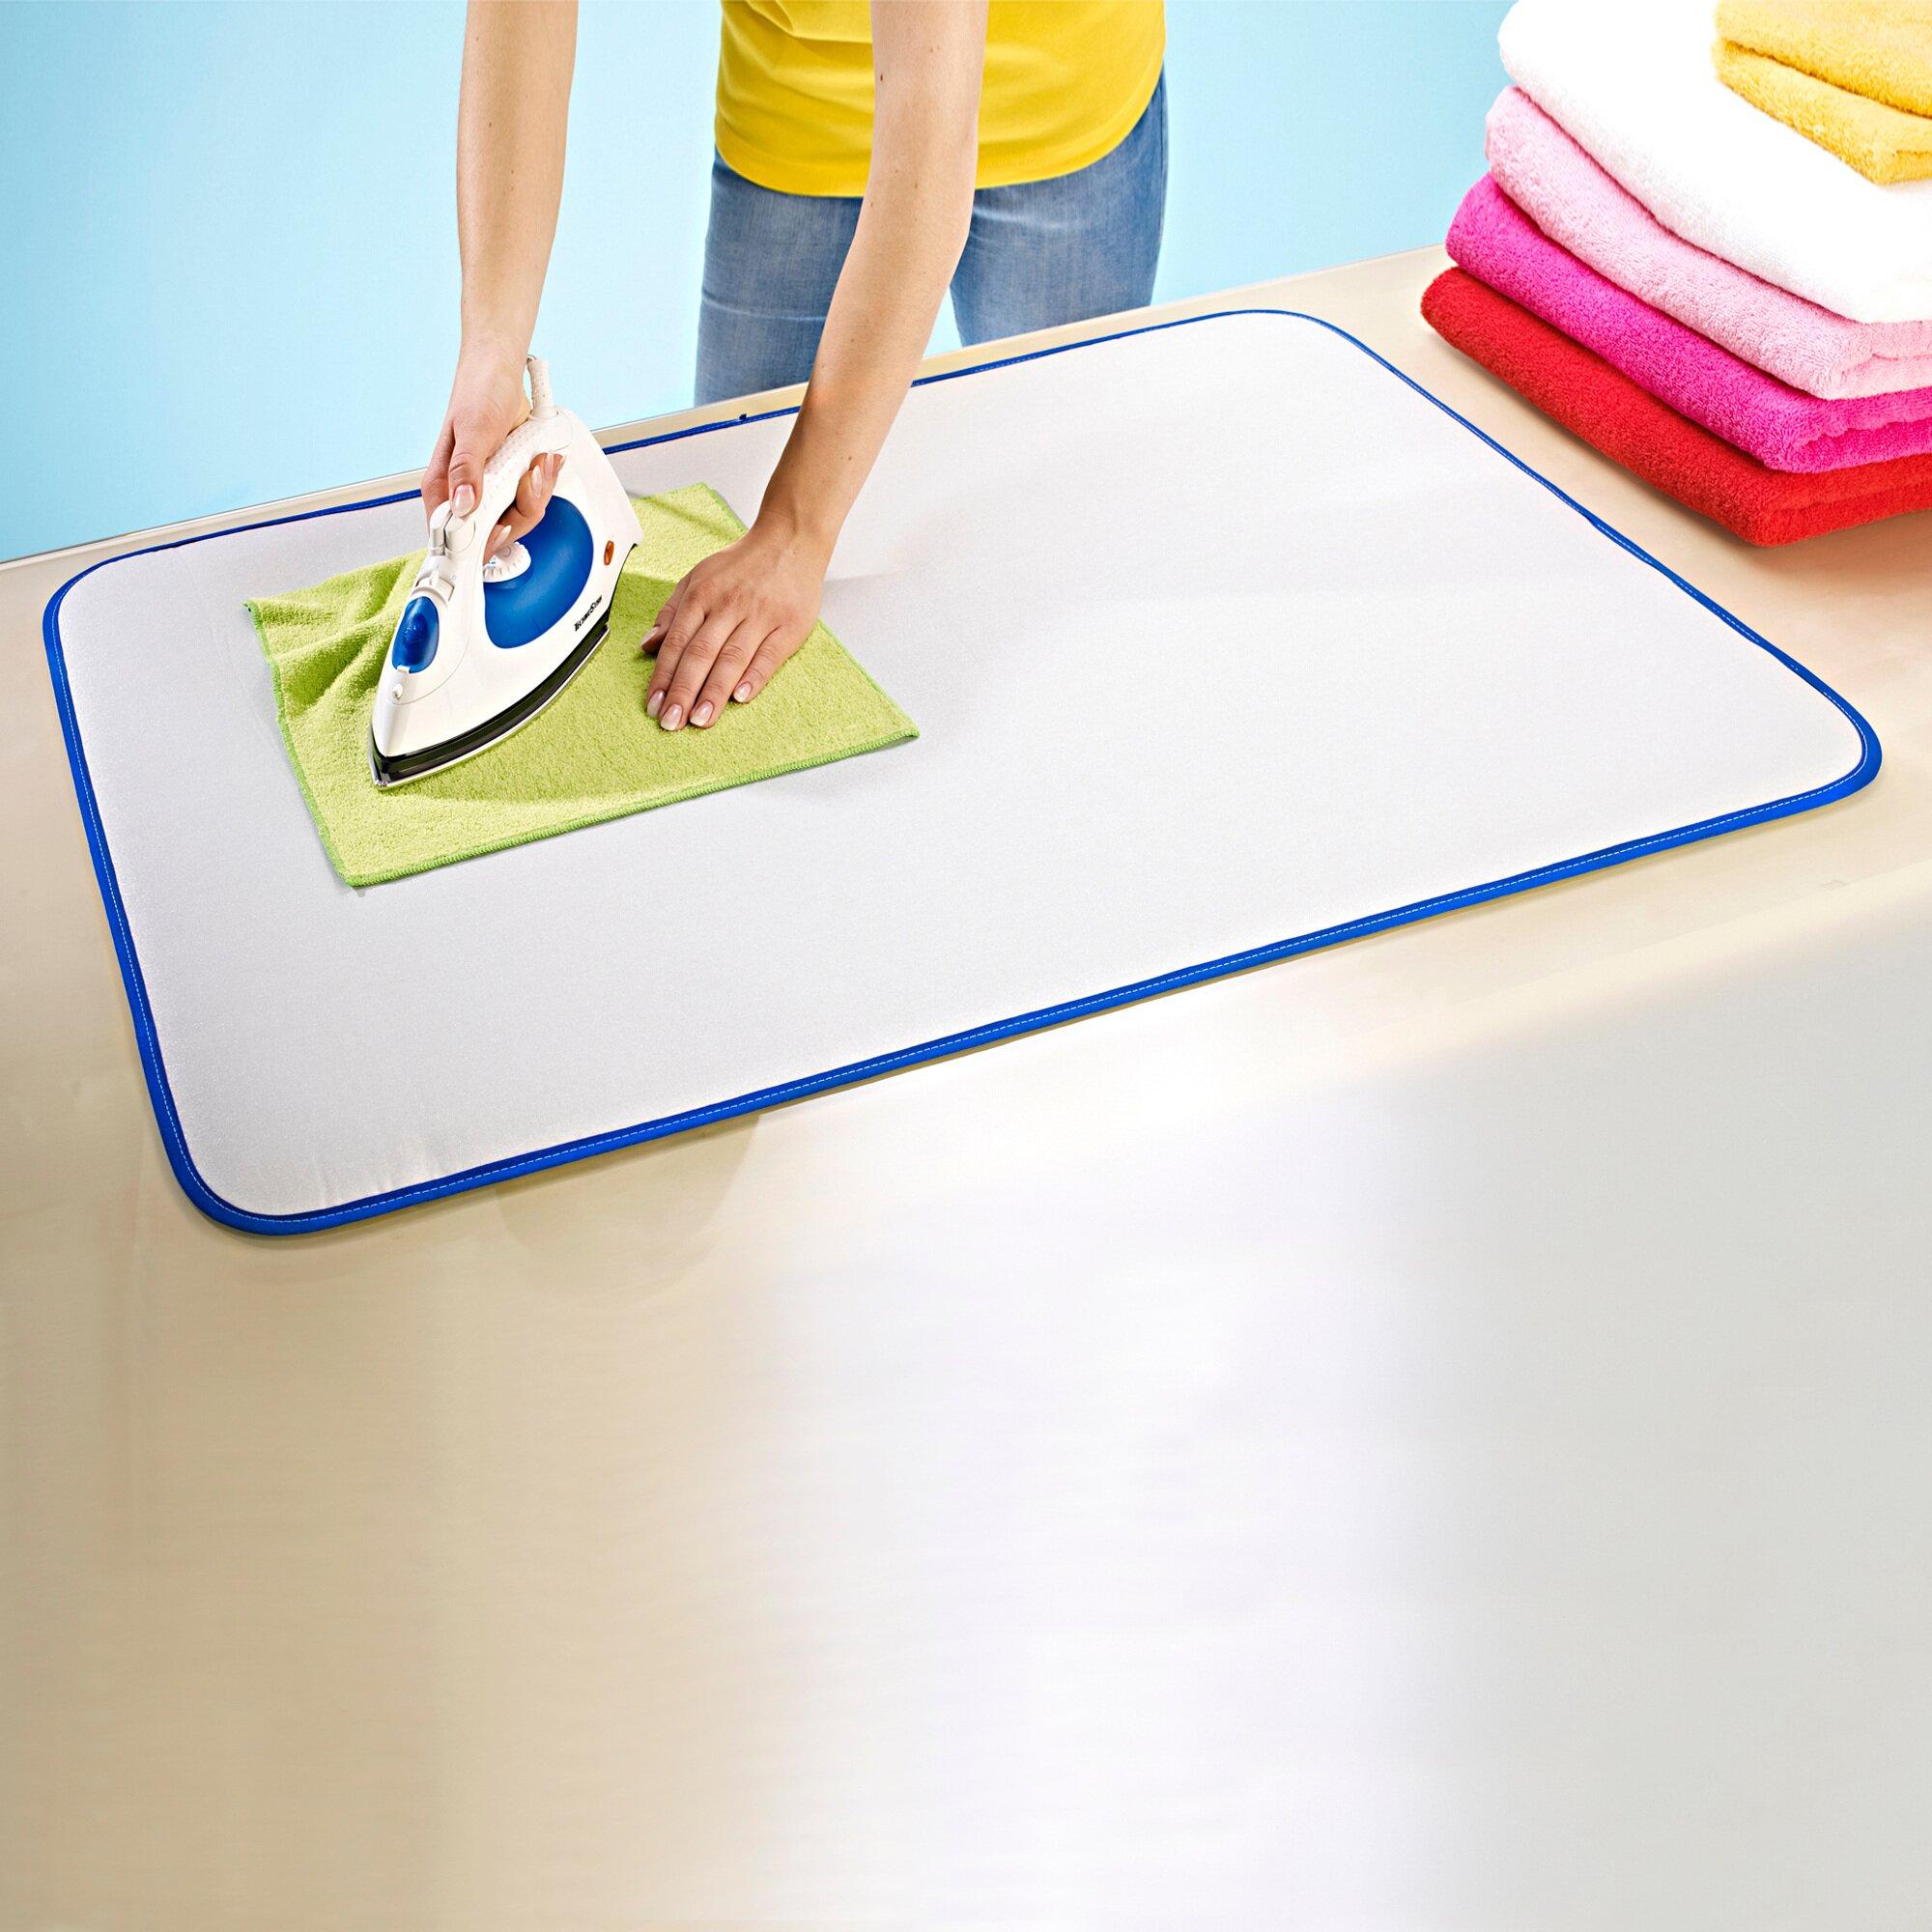 Image of WENKO® Bügel-Tischauflage